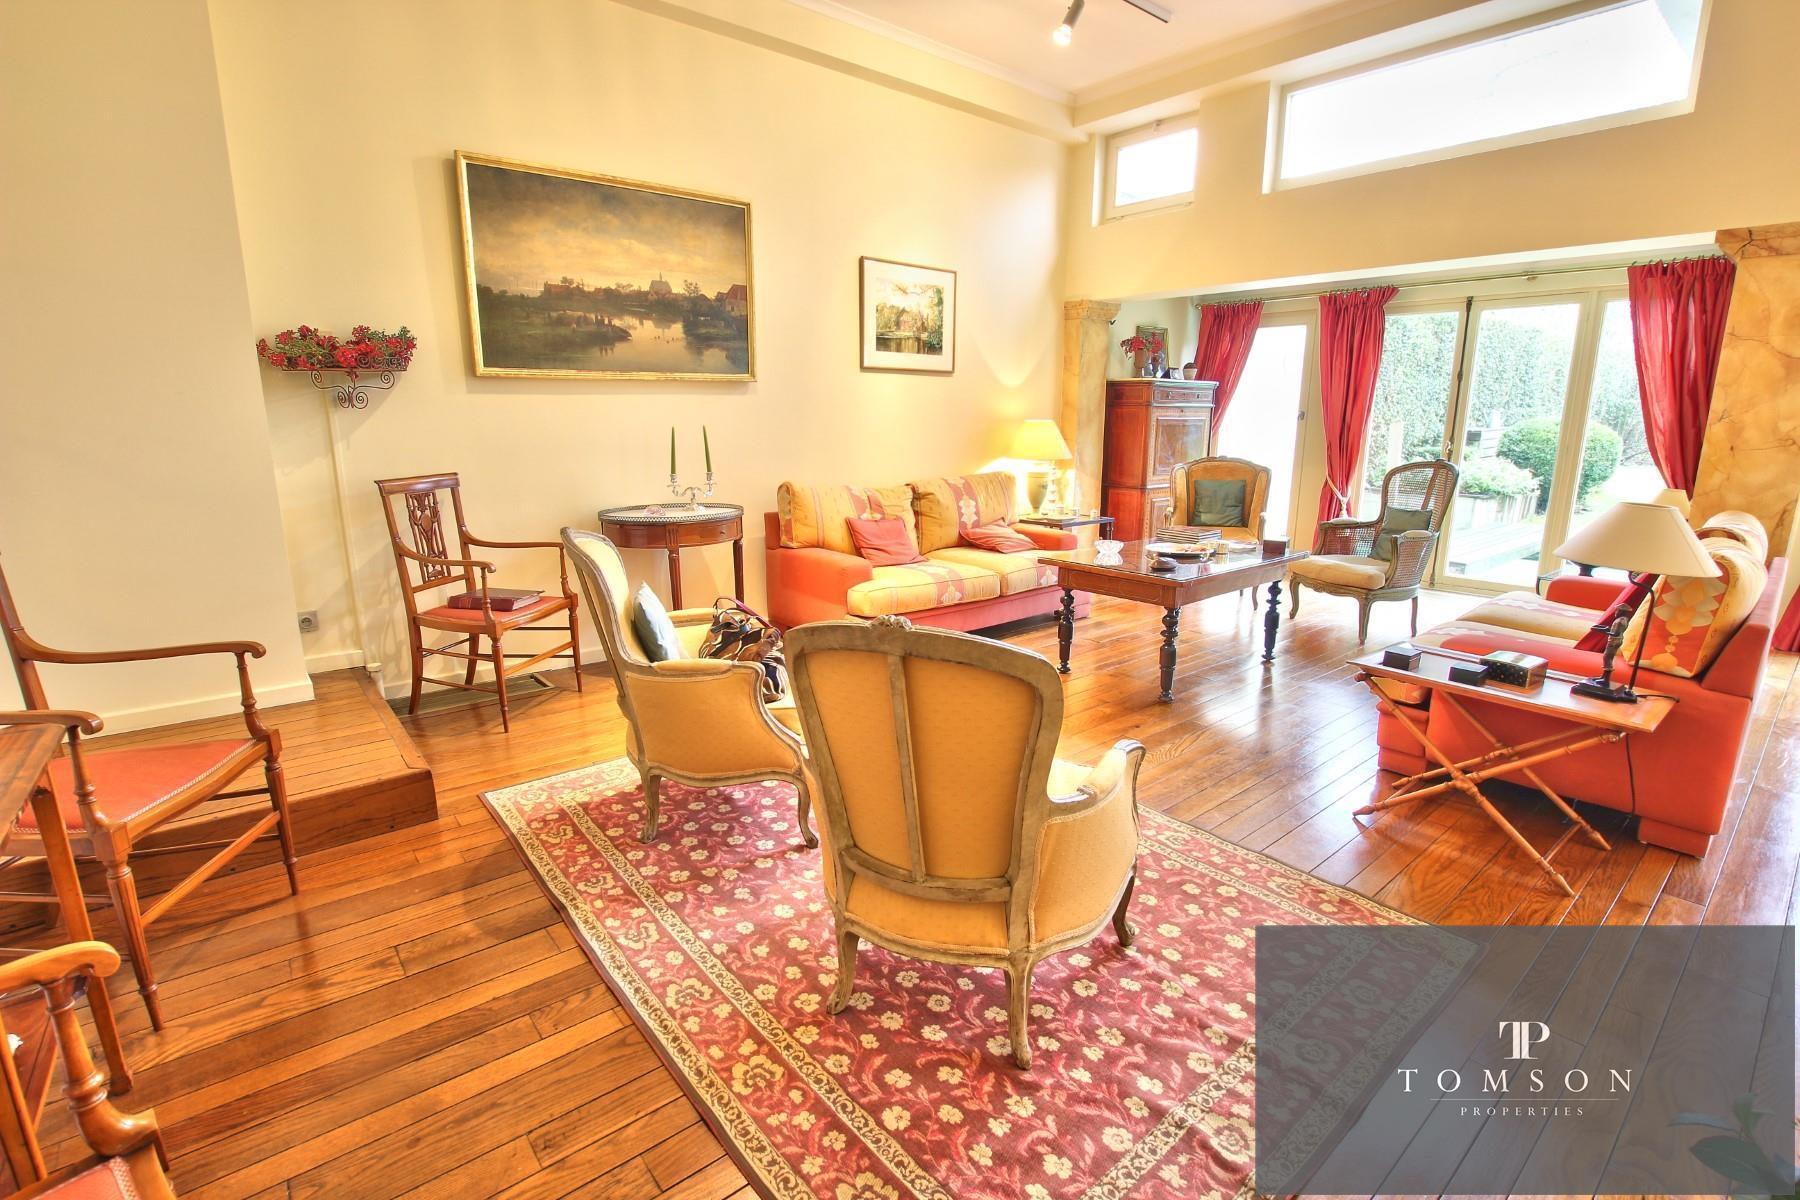 Appartement exceptionnel - Ixelles - #4098210-1